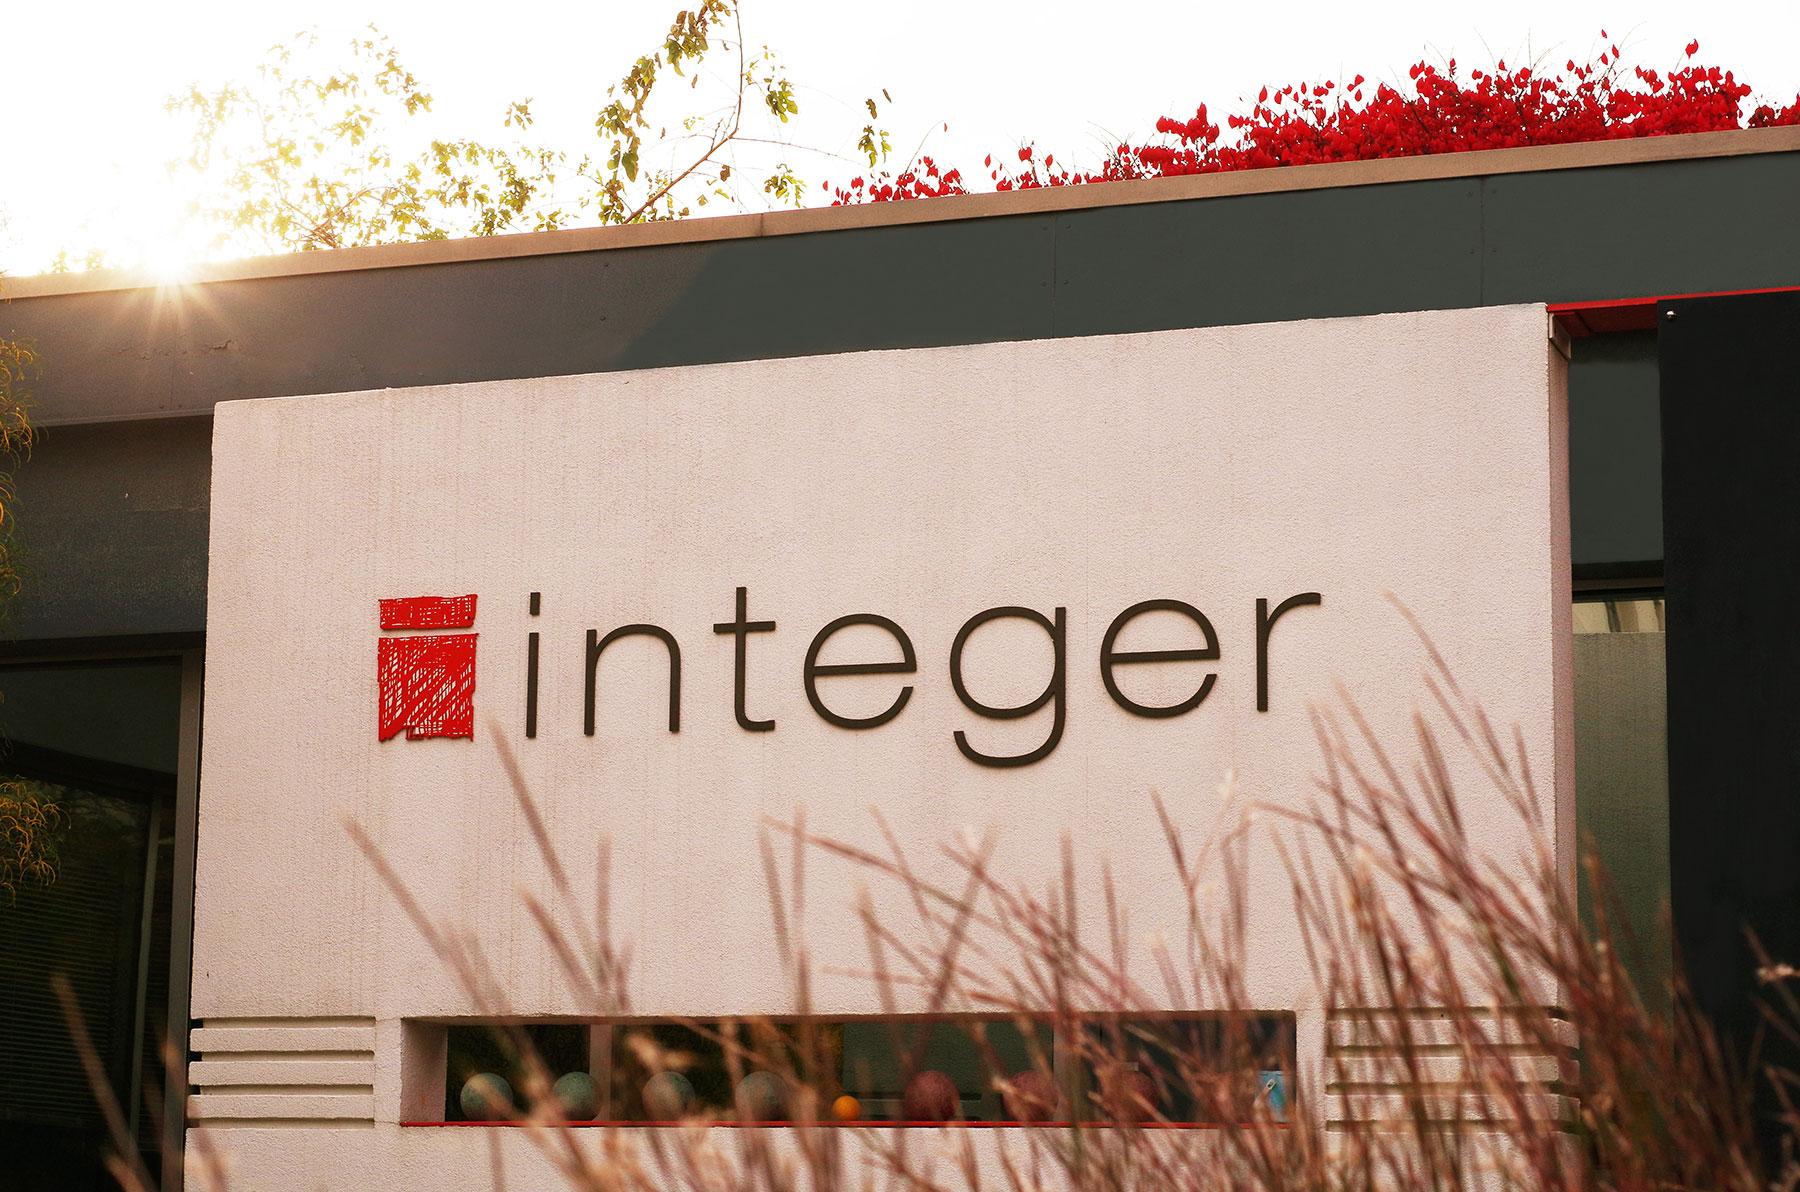 6_integer